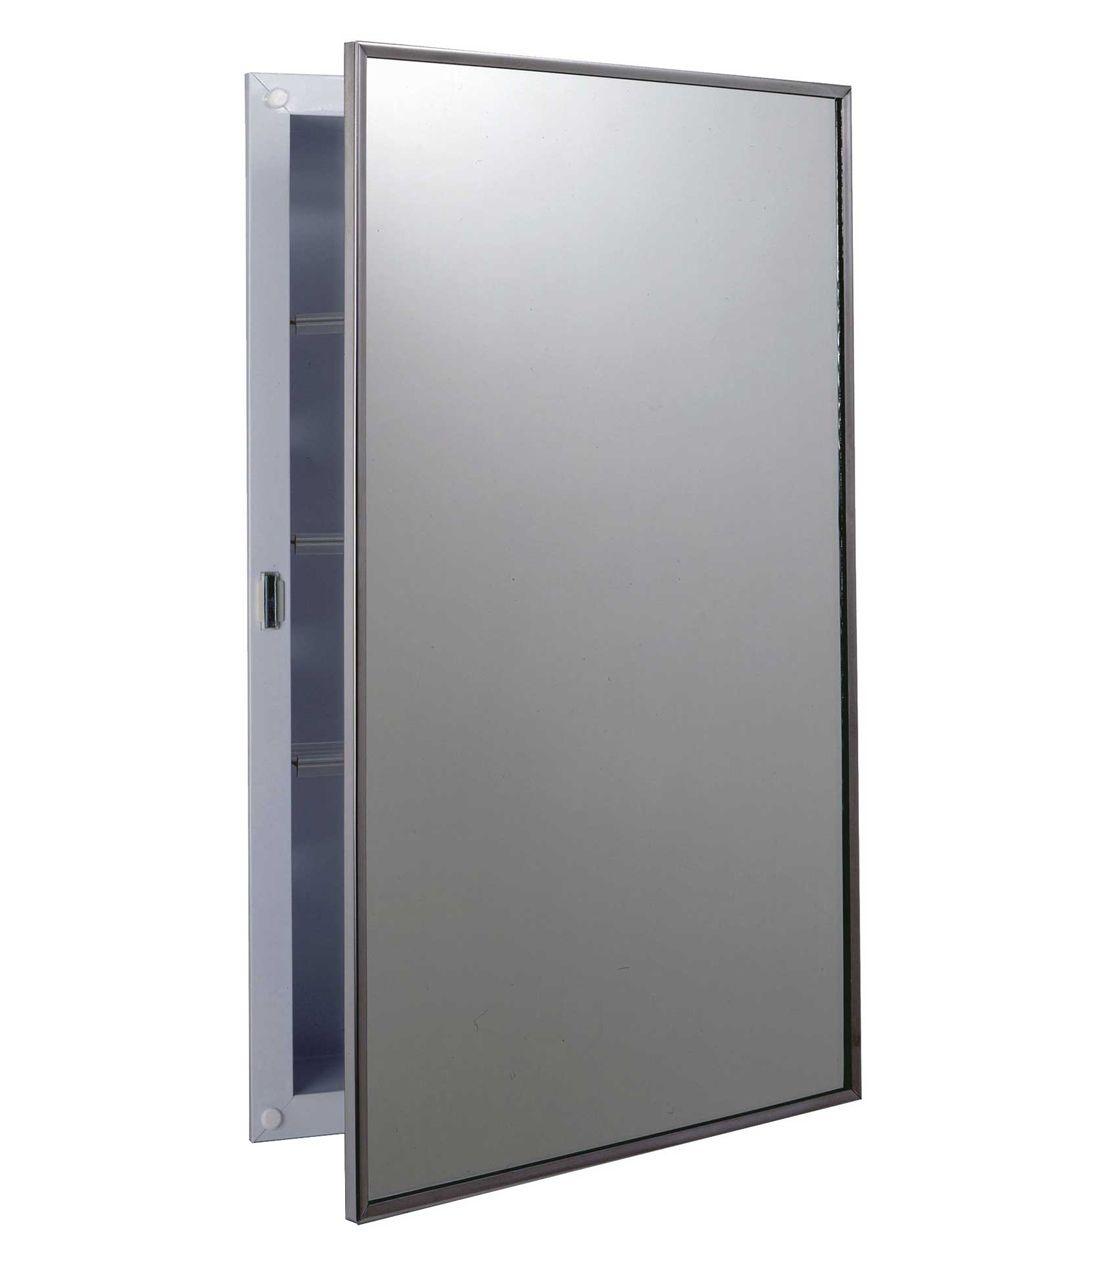 Badezimmer eitelkeiten mit lagerung letzten gespiegelten badezimmer schrank bad  es gibt viele